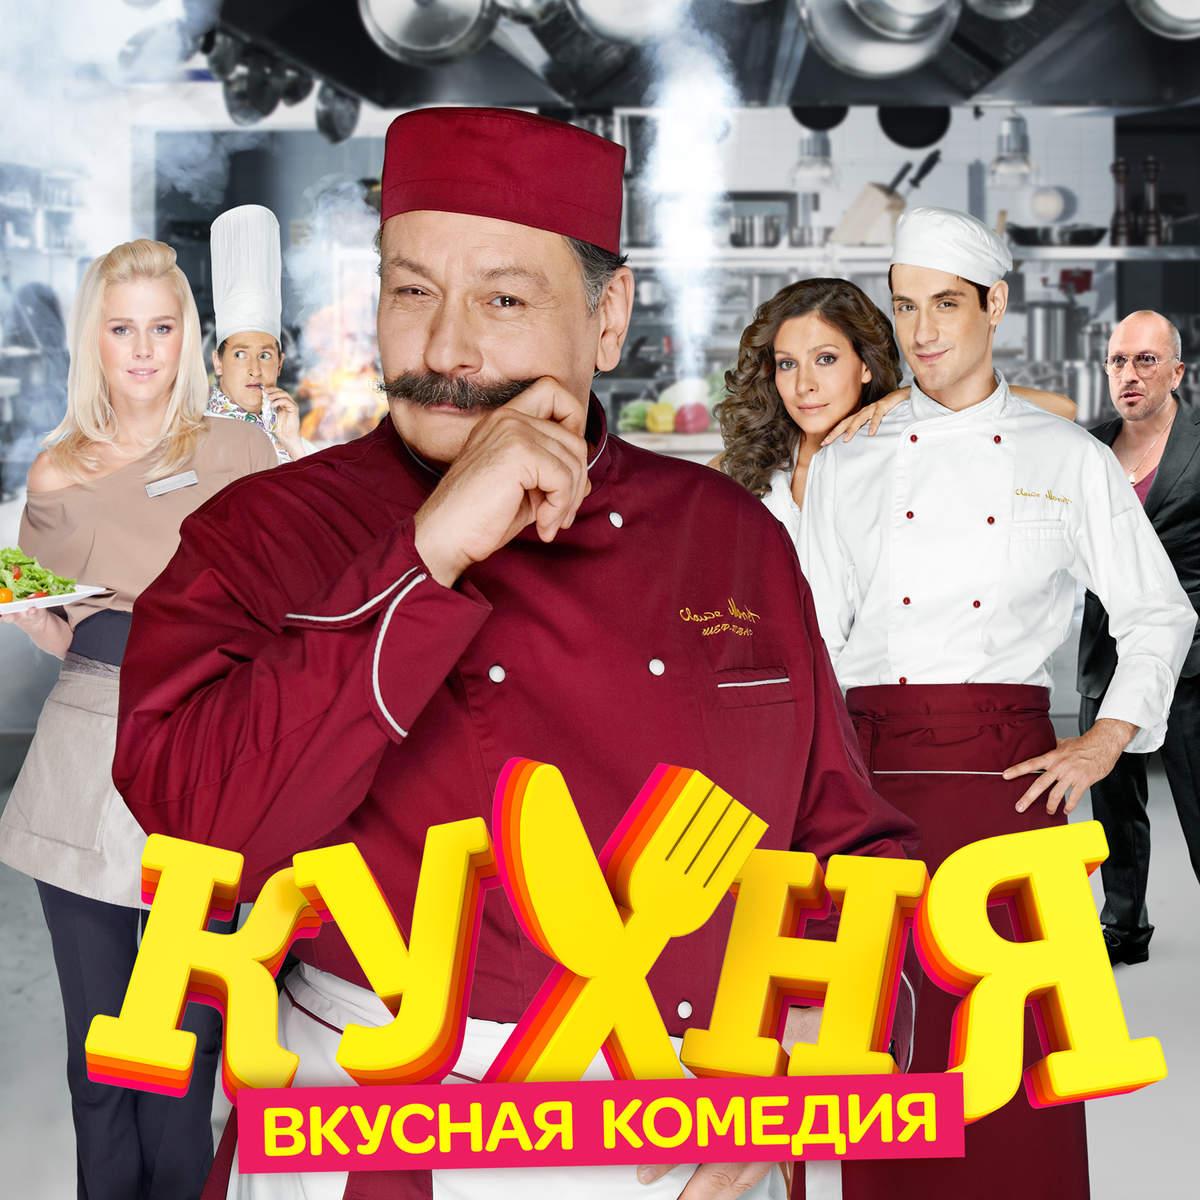 Русские на кухне смотреть 17 фотография